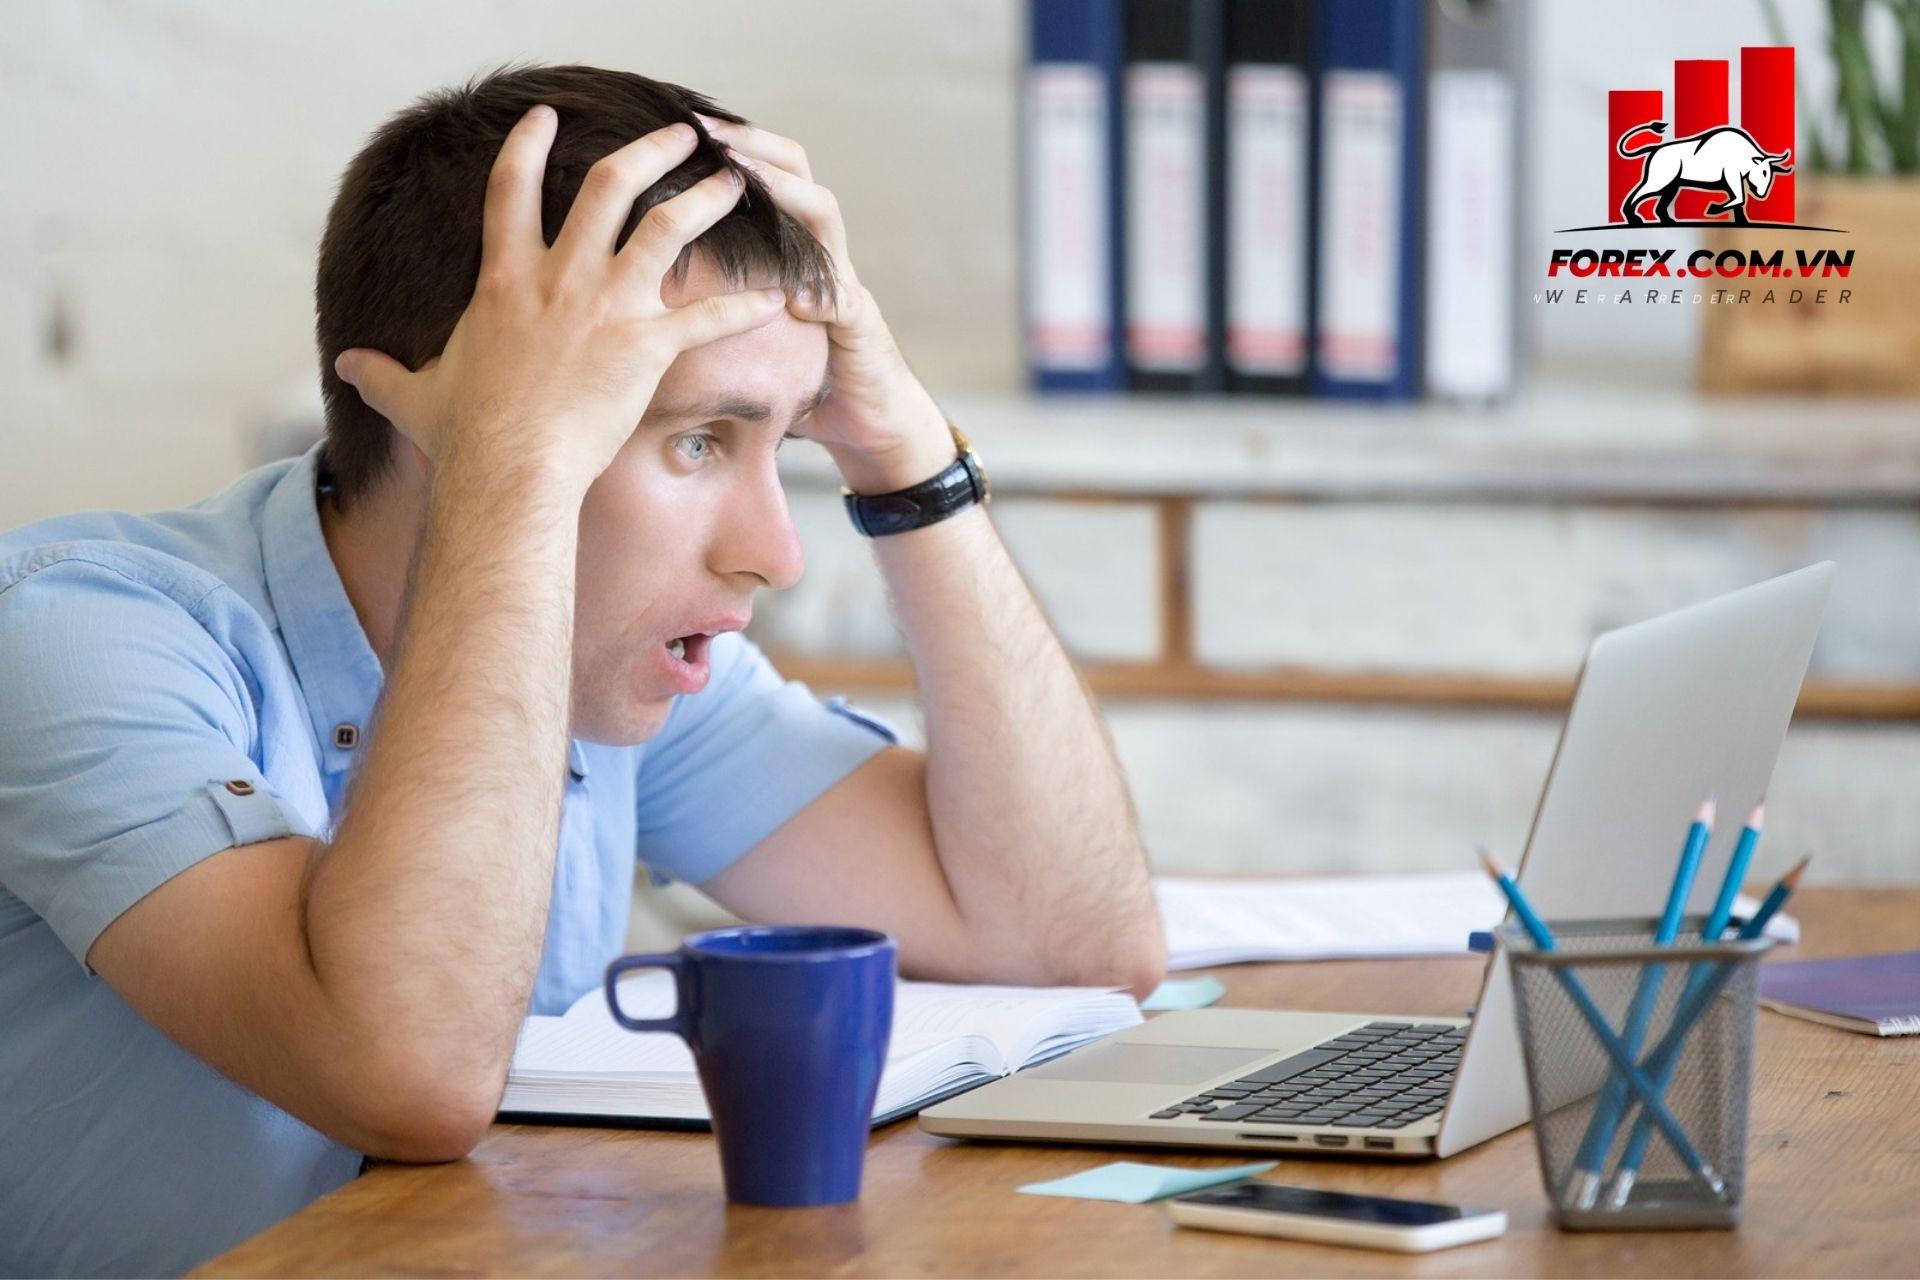 Những sai lầm hay mắc phải khi vào lệnh giao dịch Forex